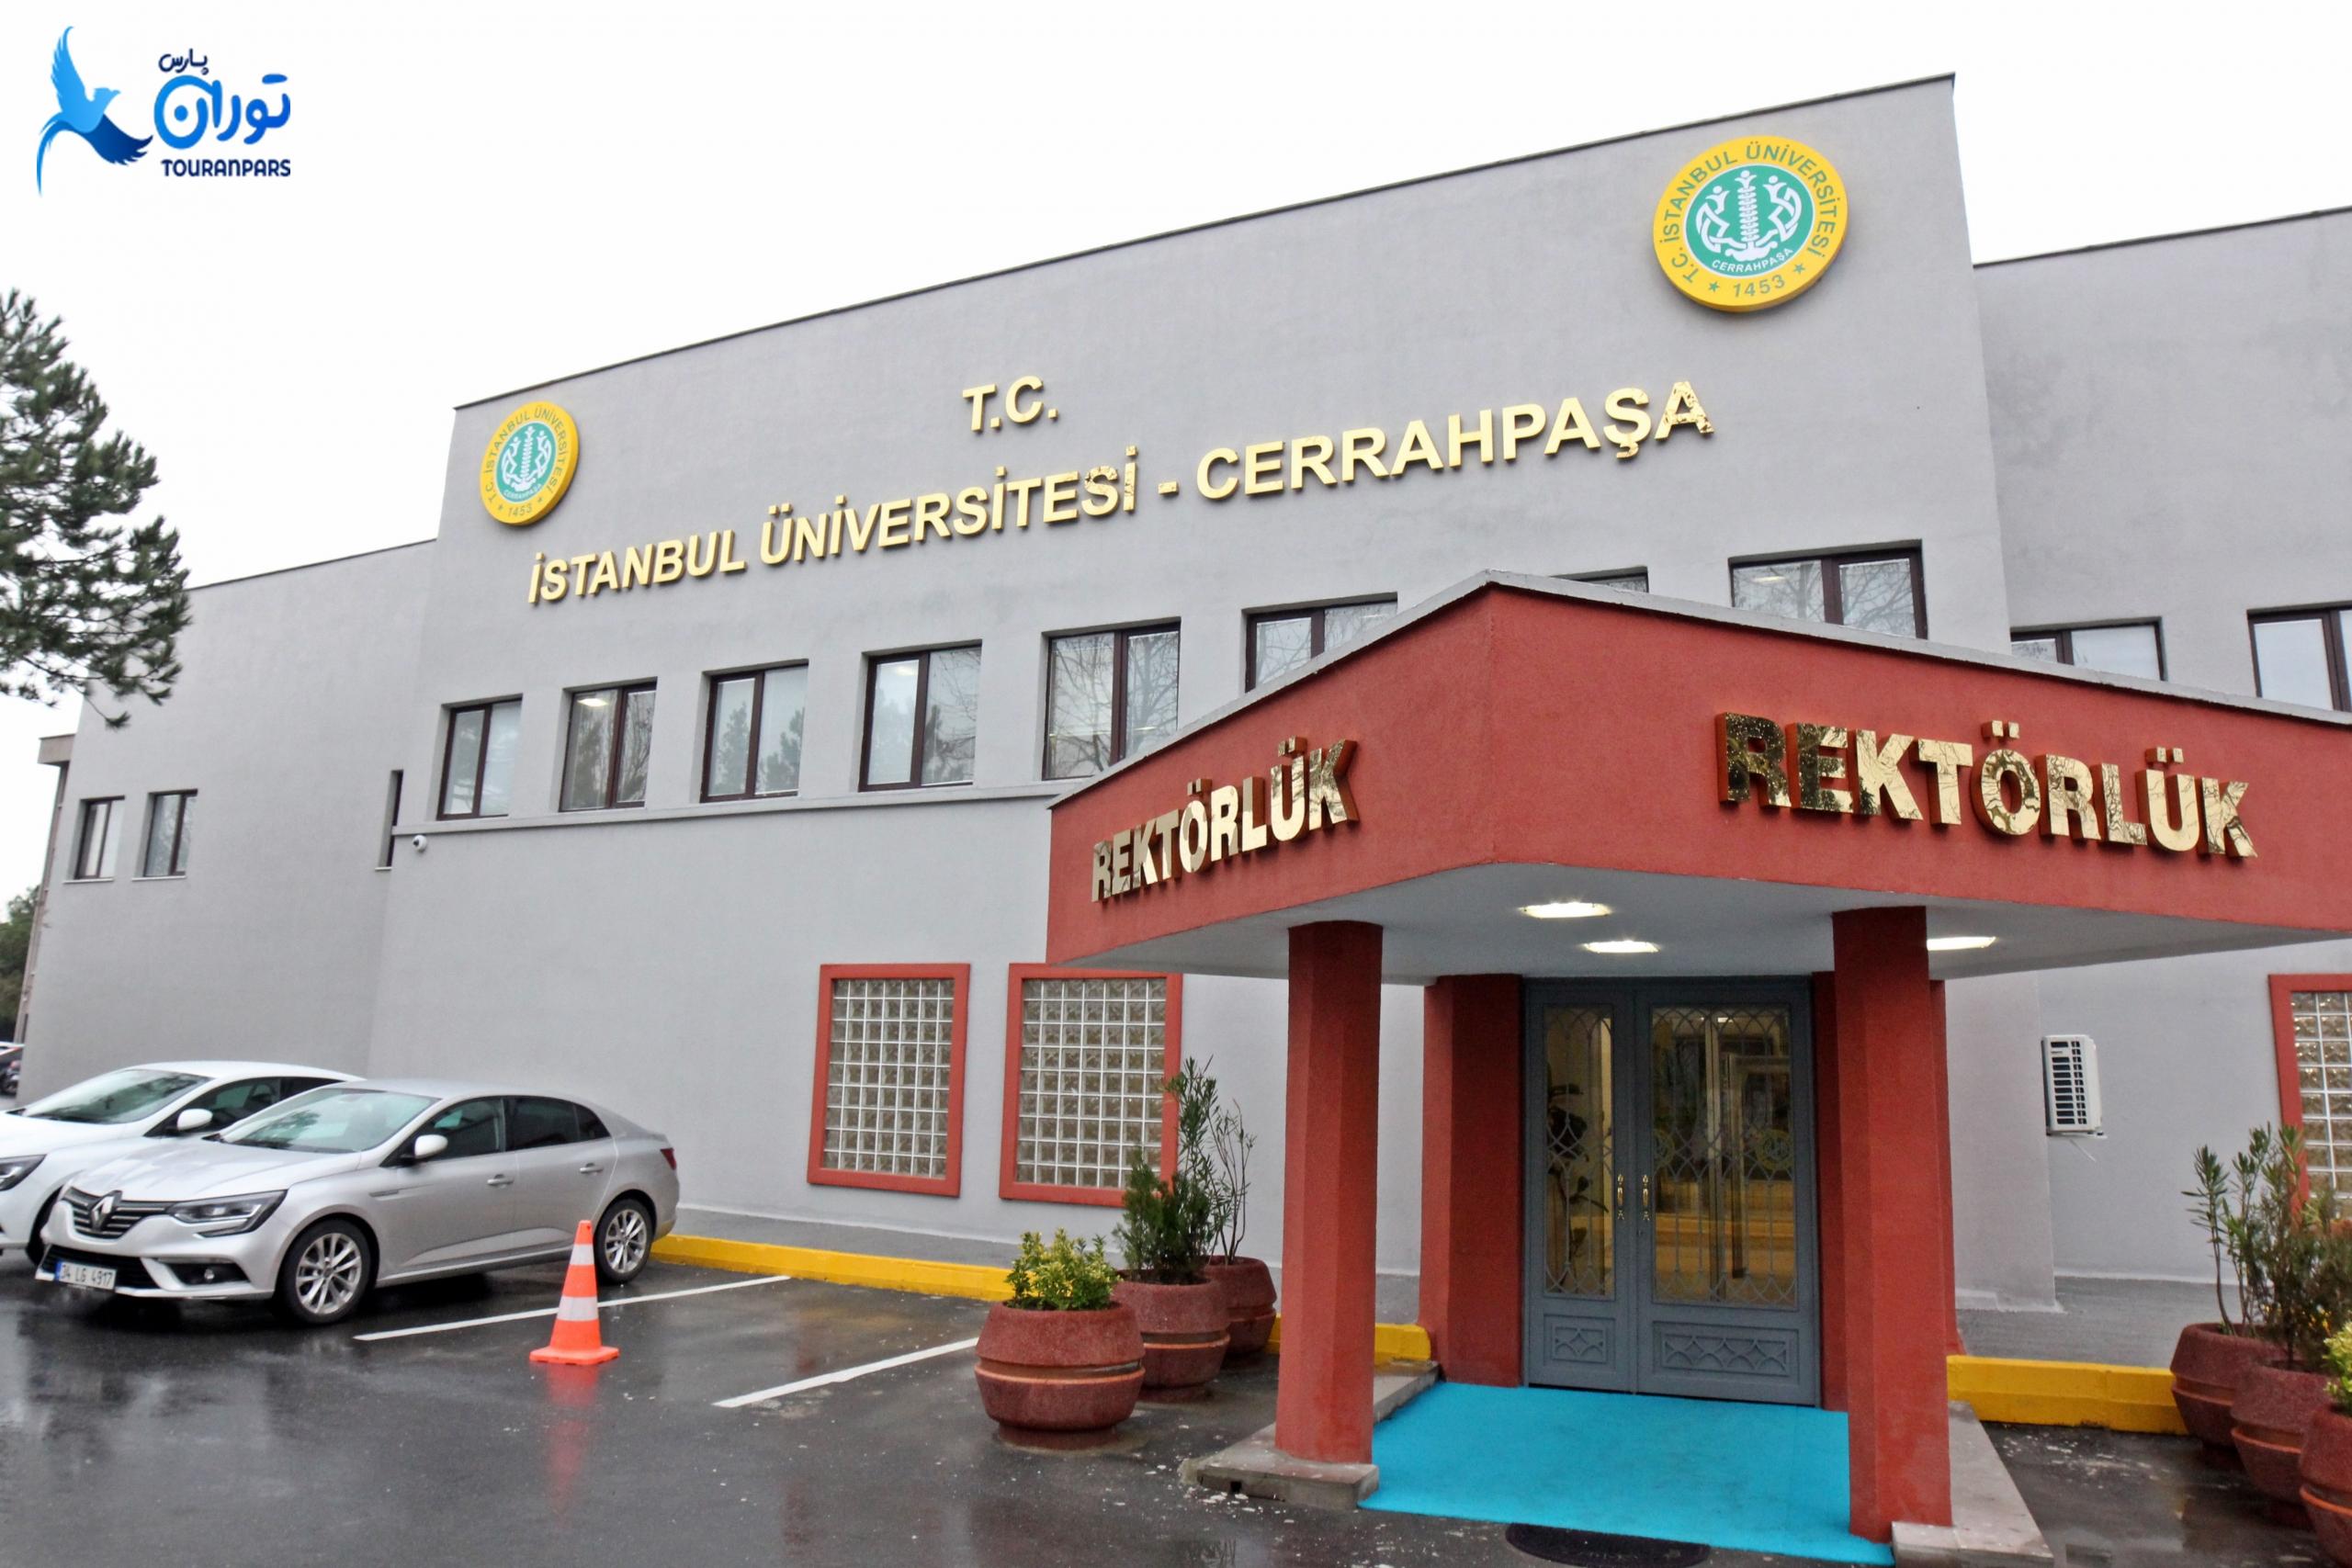 دانشگاه جراح پاشا